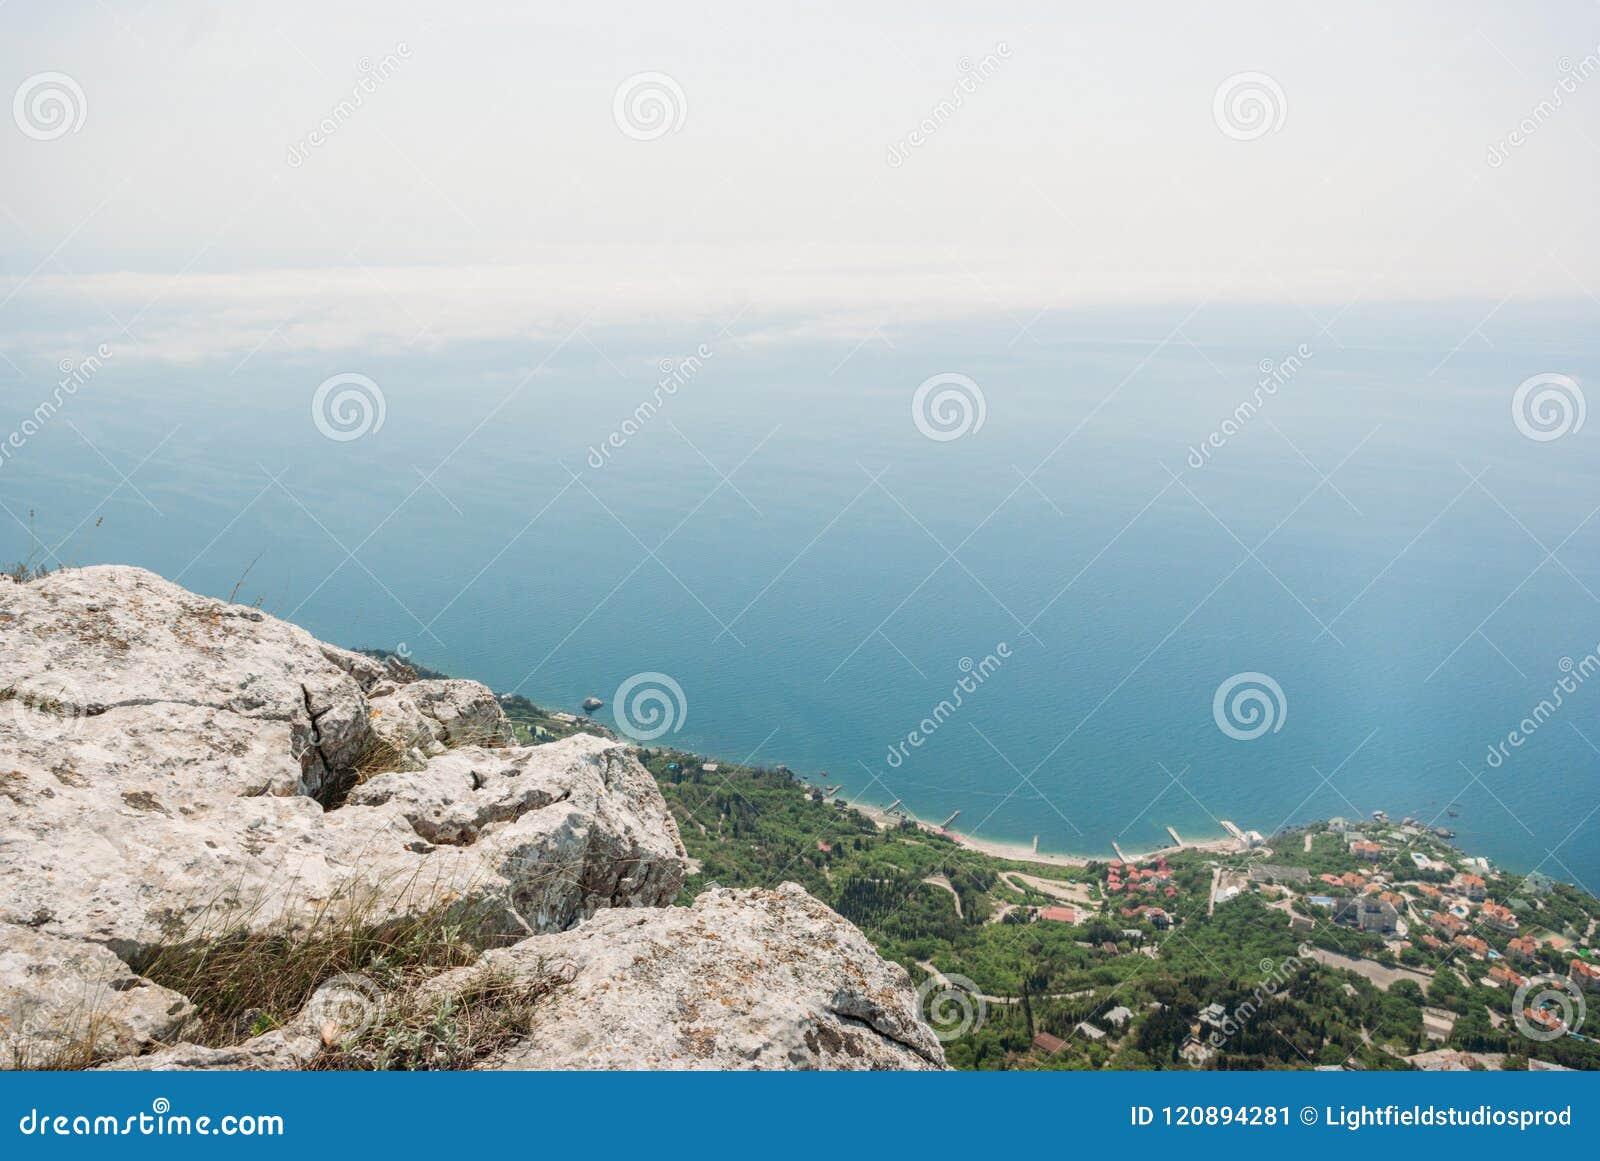 Piękny sceniczny widok góry w Ukraina, Crimea,